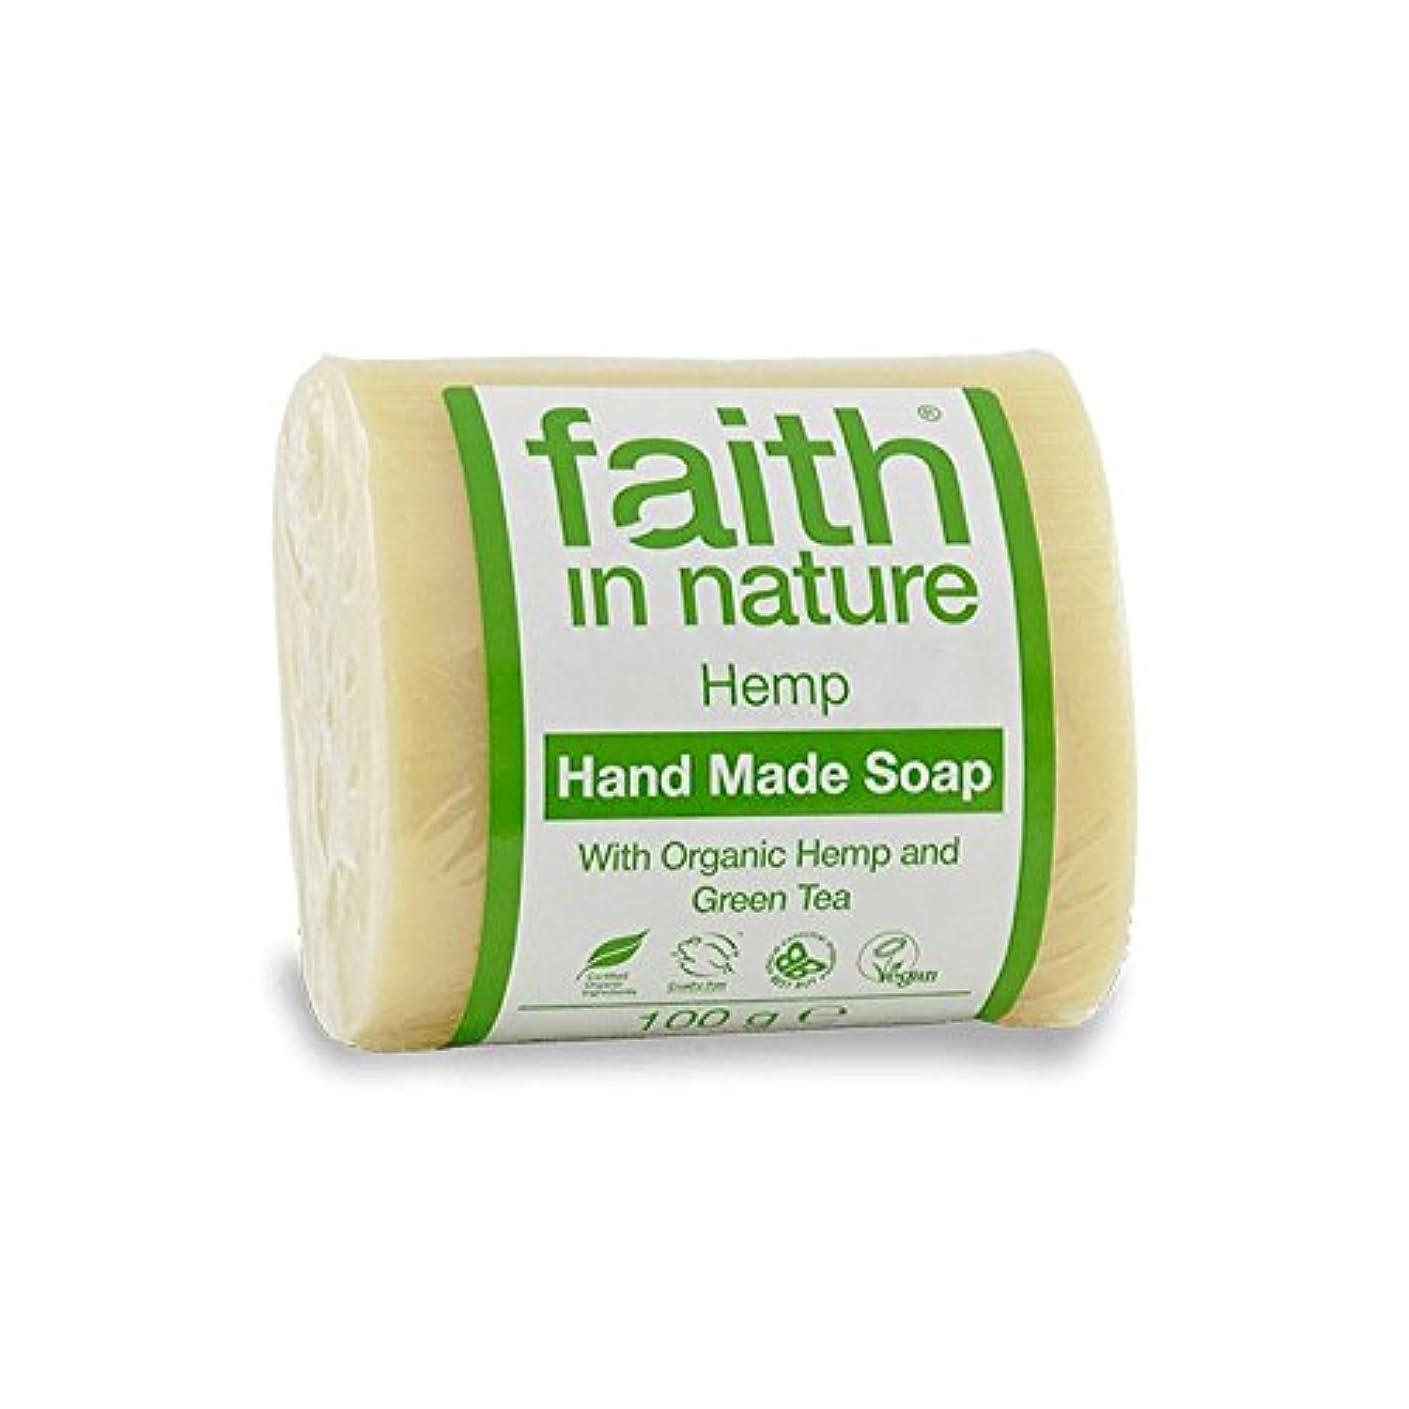 接ぎ木印象的な容疑者Faith in Nature Hemp with Green Tea Soap 100g (Pack of 6) - 緑茶石鹸100グラムと自然の麻の信仰 (x6) [並行輸入品]